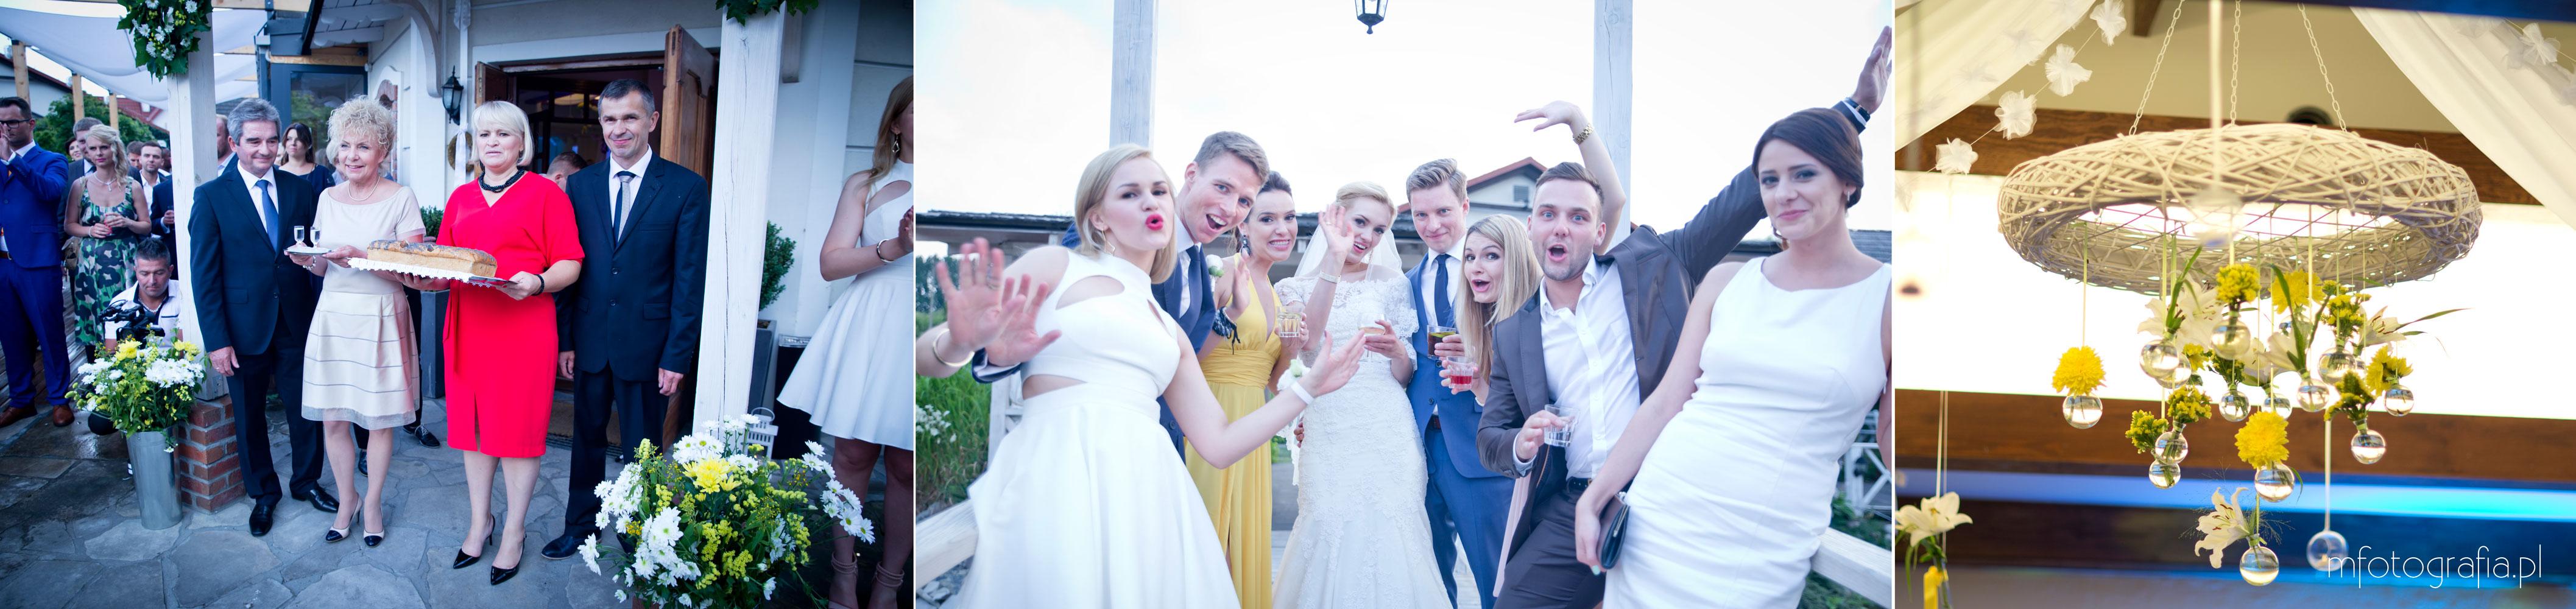 poradnik ślubny - huczna zabawa weselną